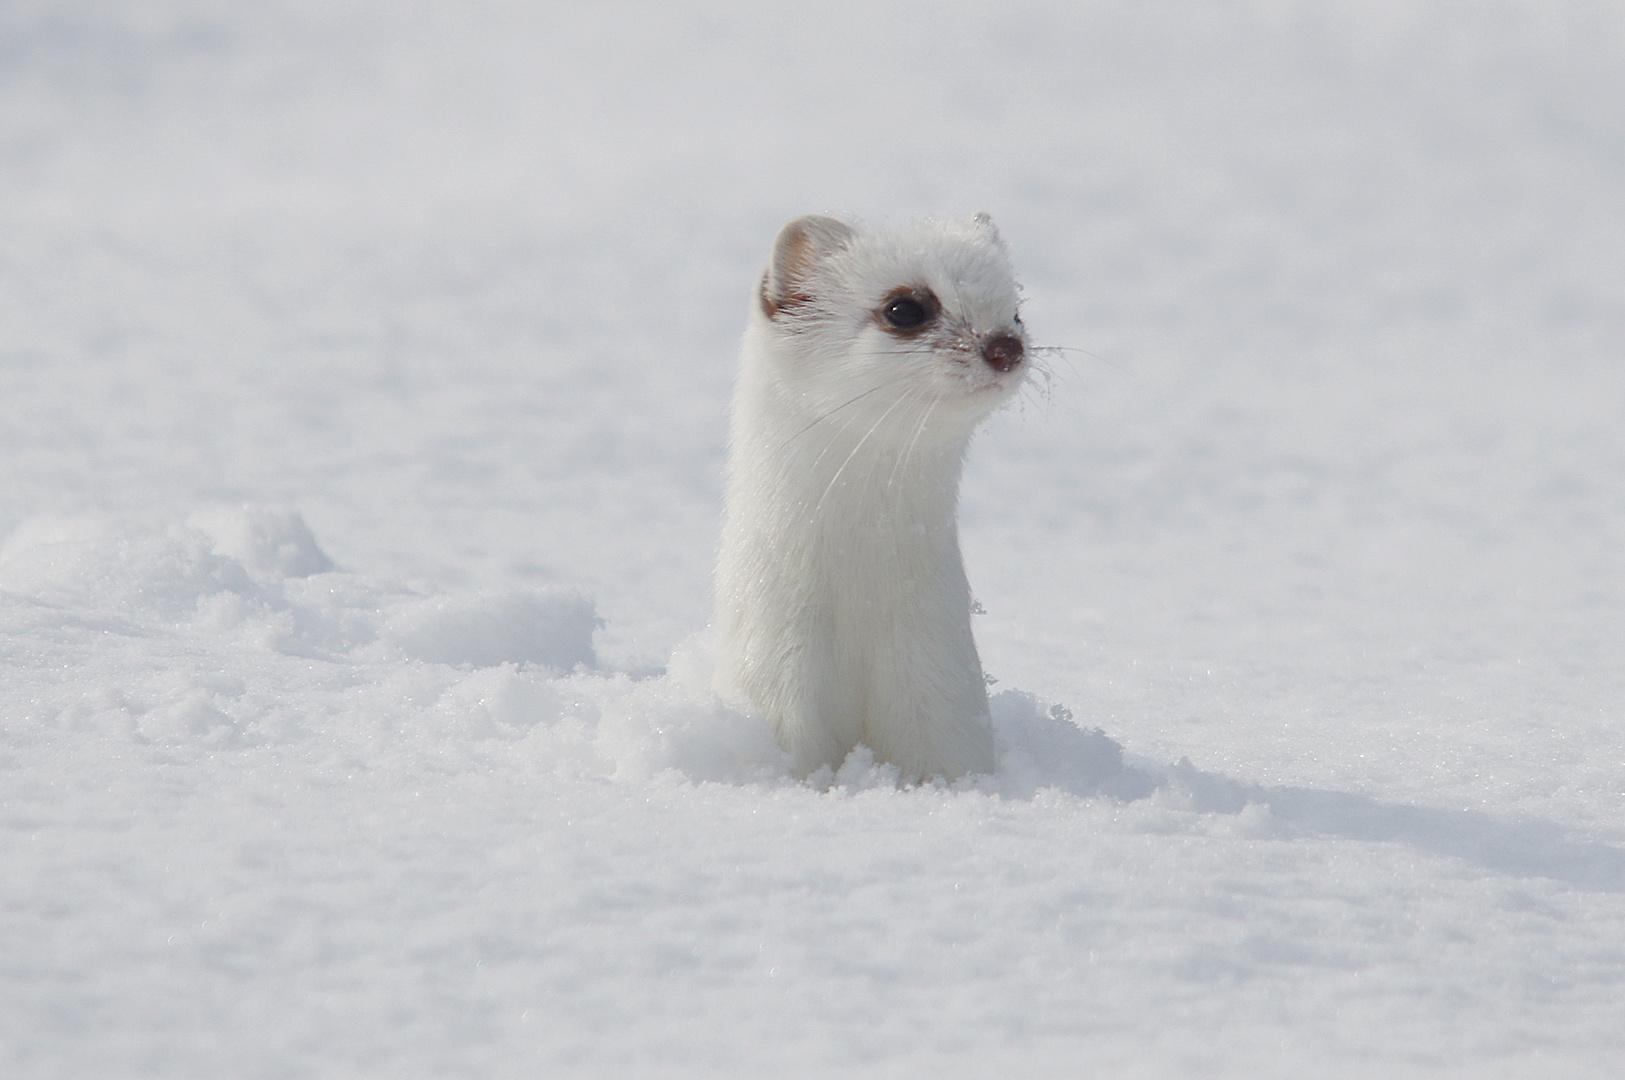 Hermelin im schnee foto bild tiere wildlife s ugetiere bilder auf fotocommunity - Schneebilder kostenlos ...